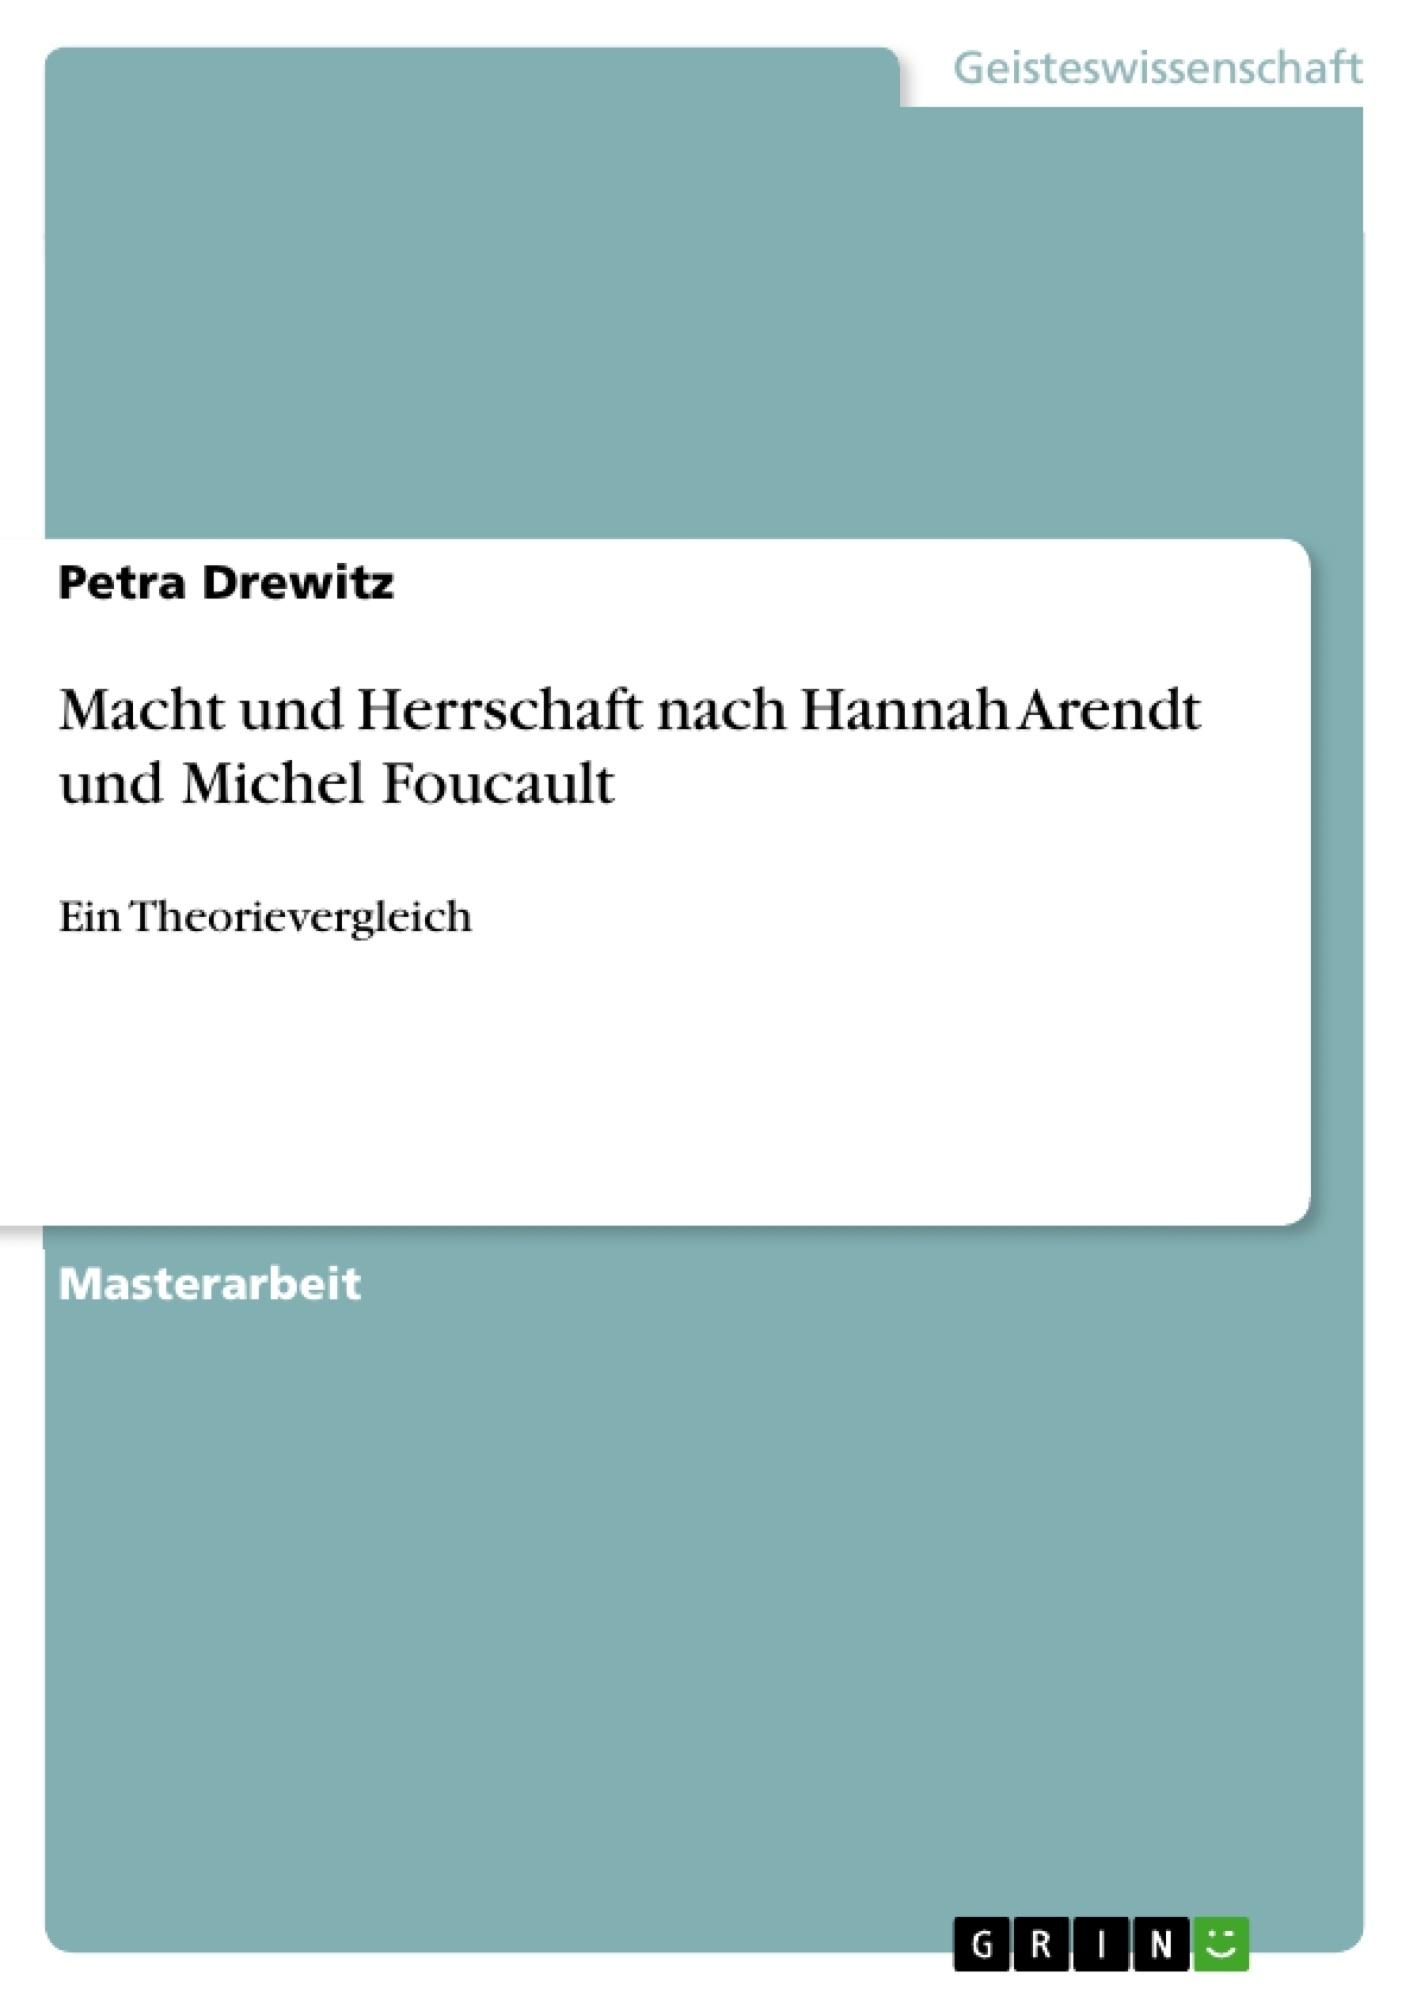 Titel: Macht und Herrschaft nach Hannah Arendt und Michel Foucault